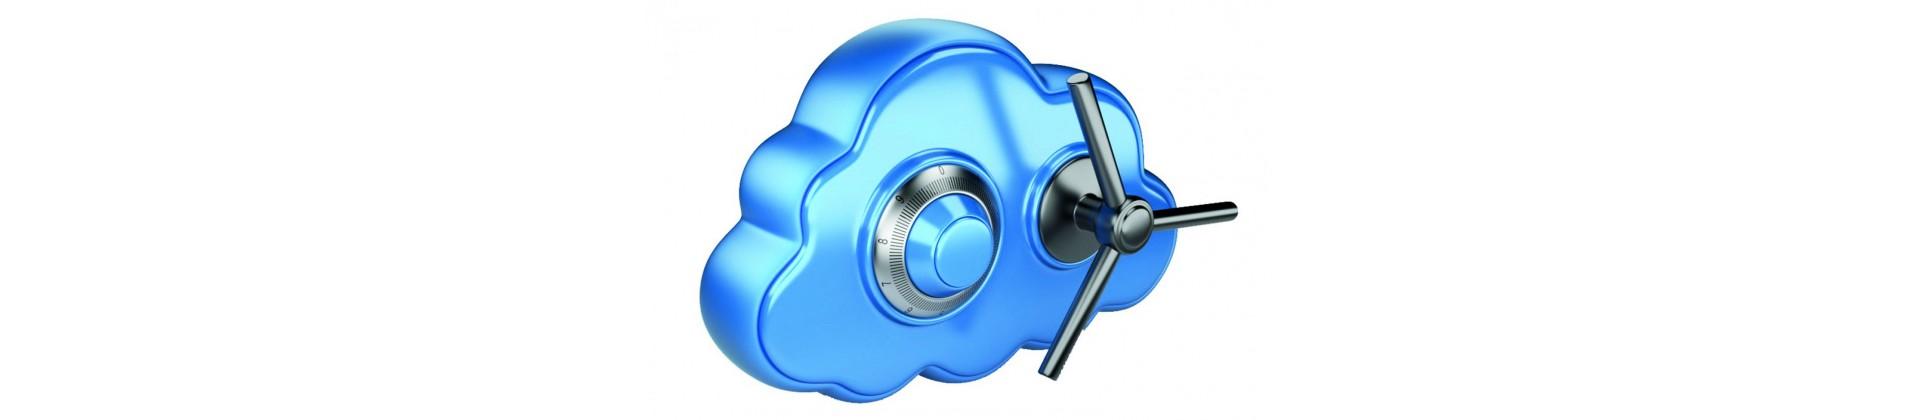 Hosting For Websites SSD